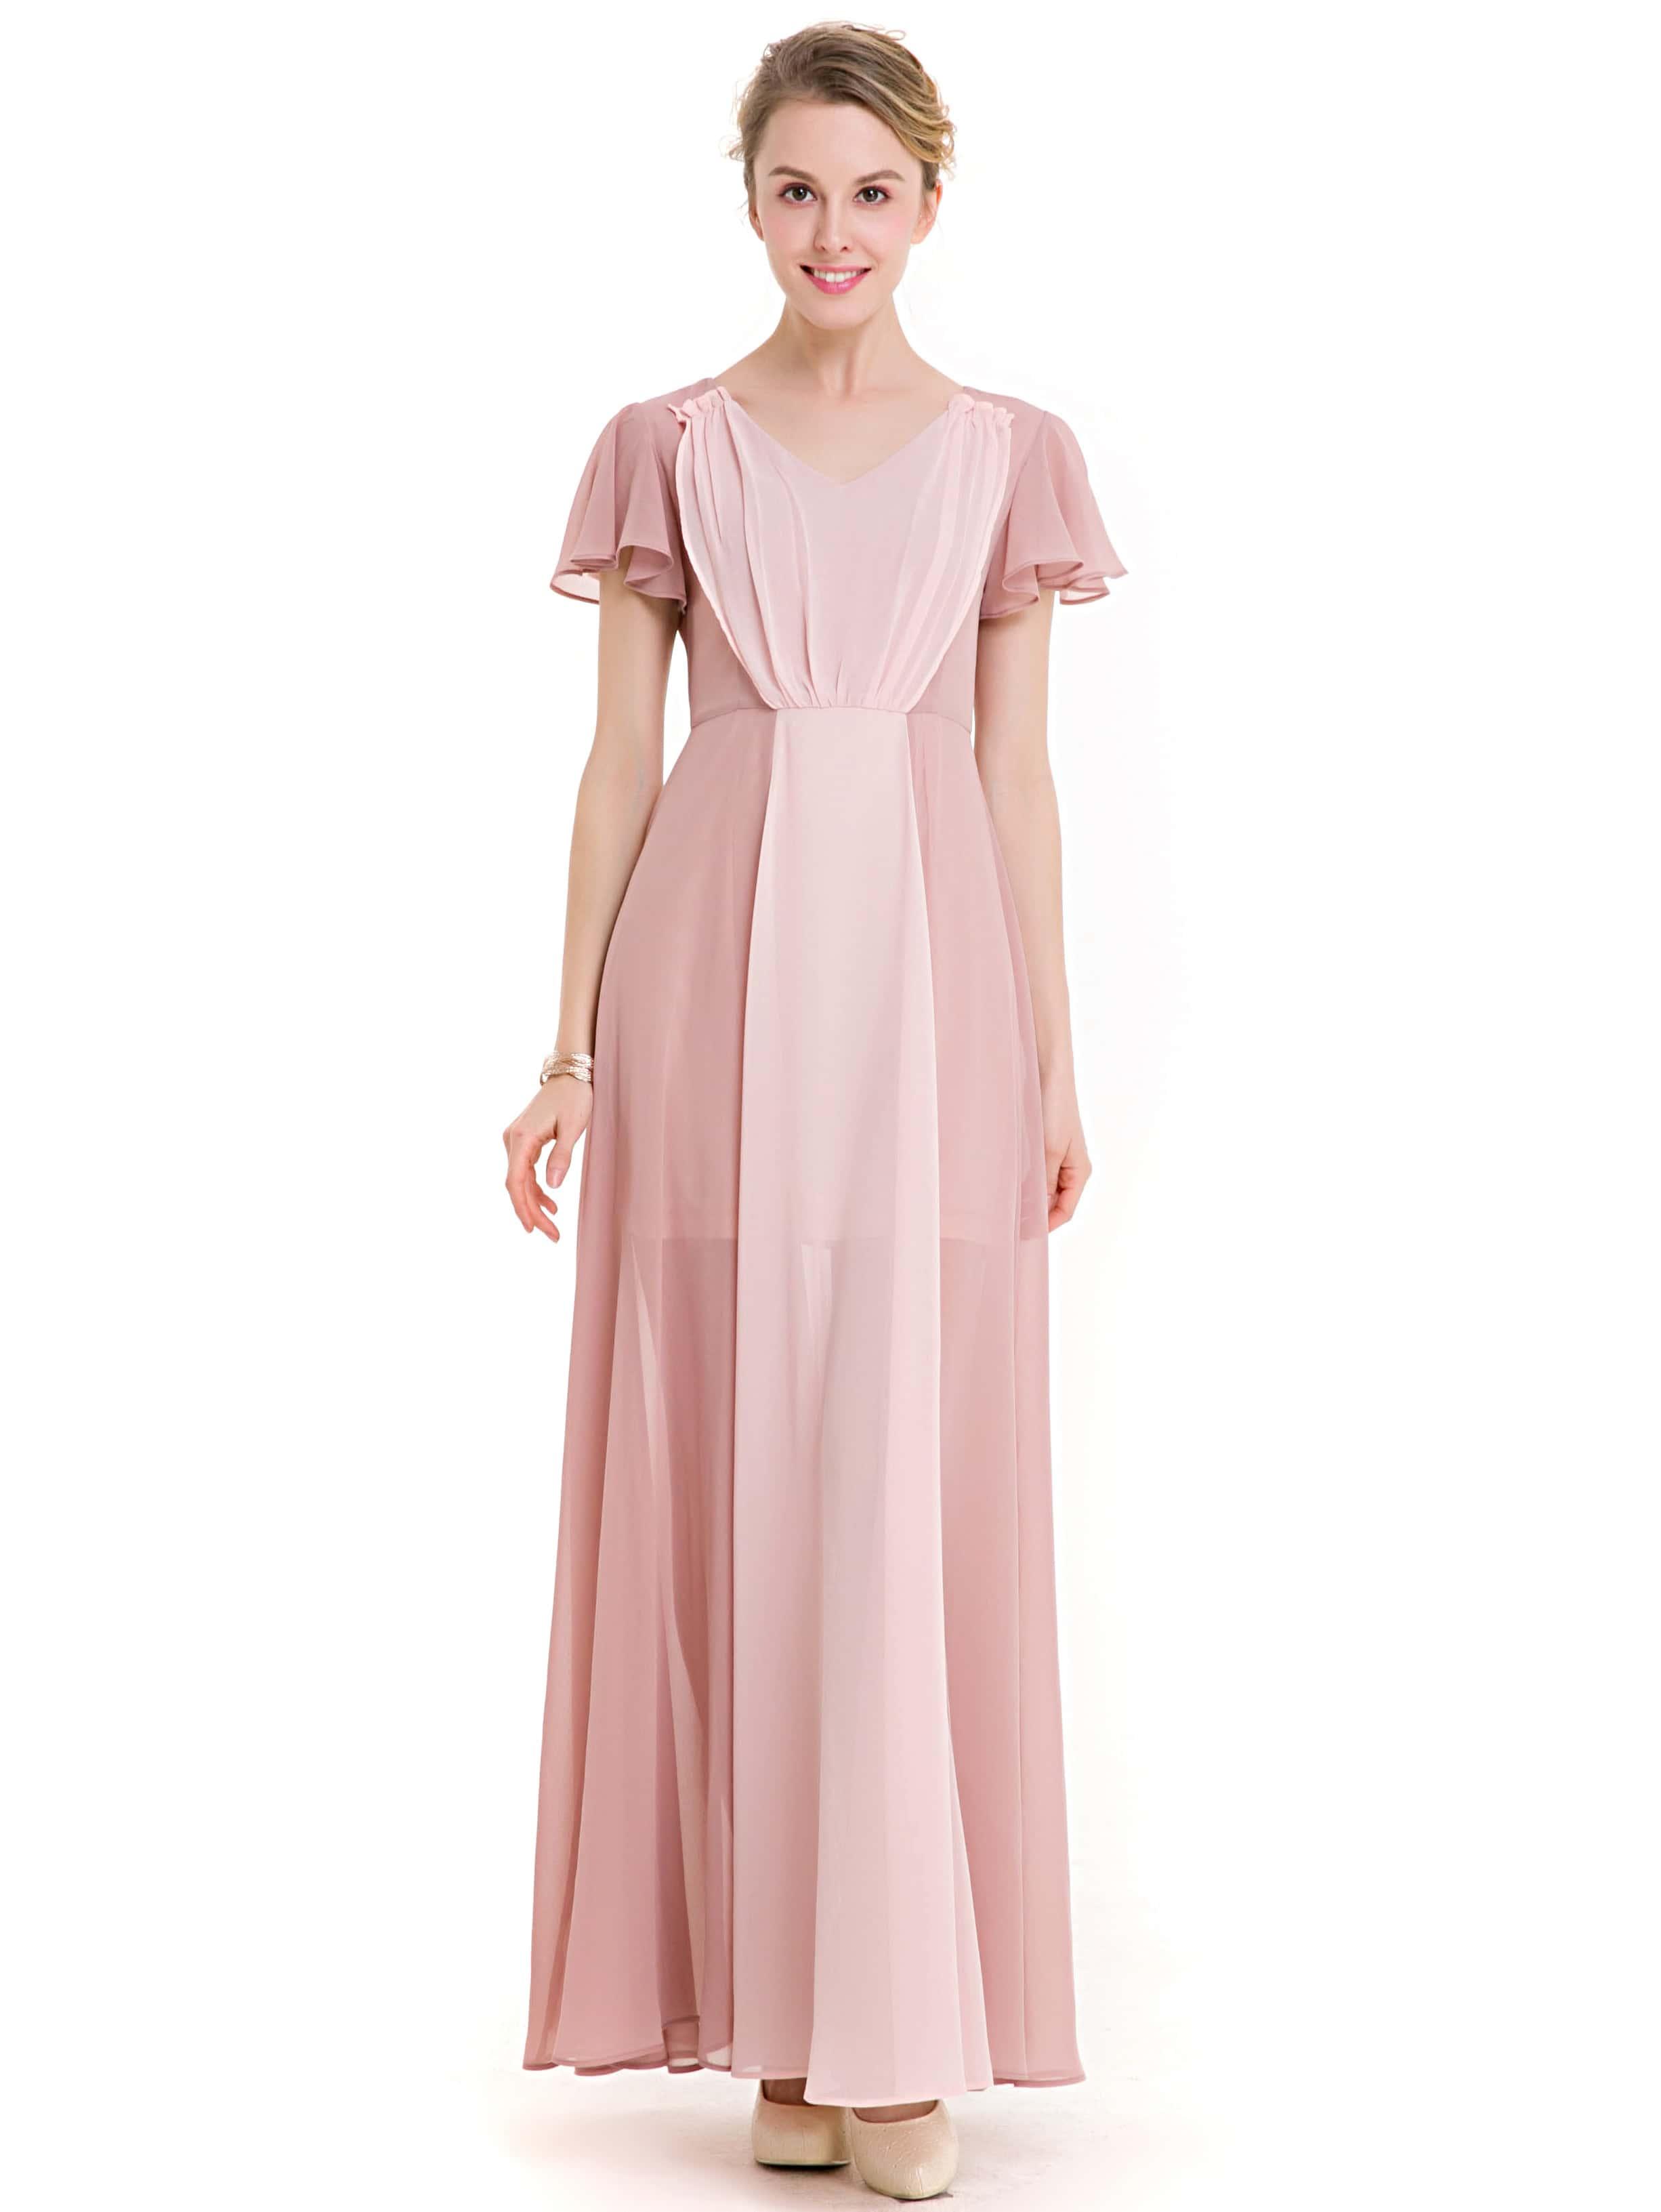 Fantástico Modestos Vestidos De Dama De Color Púrpura Imágenes ...